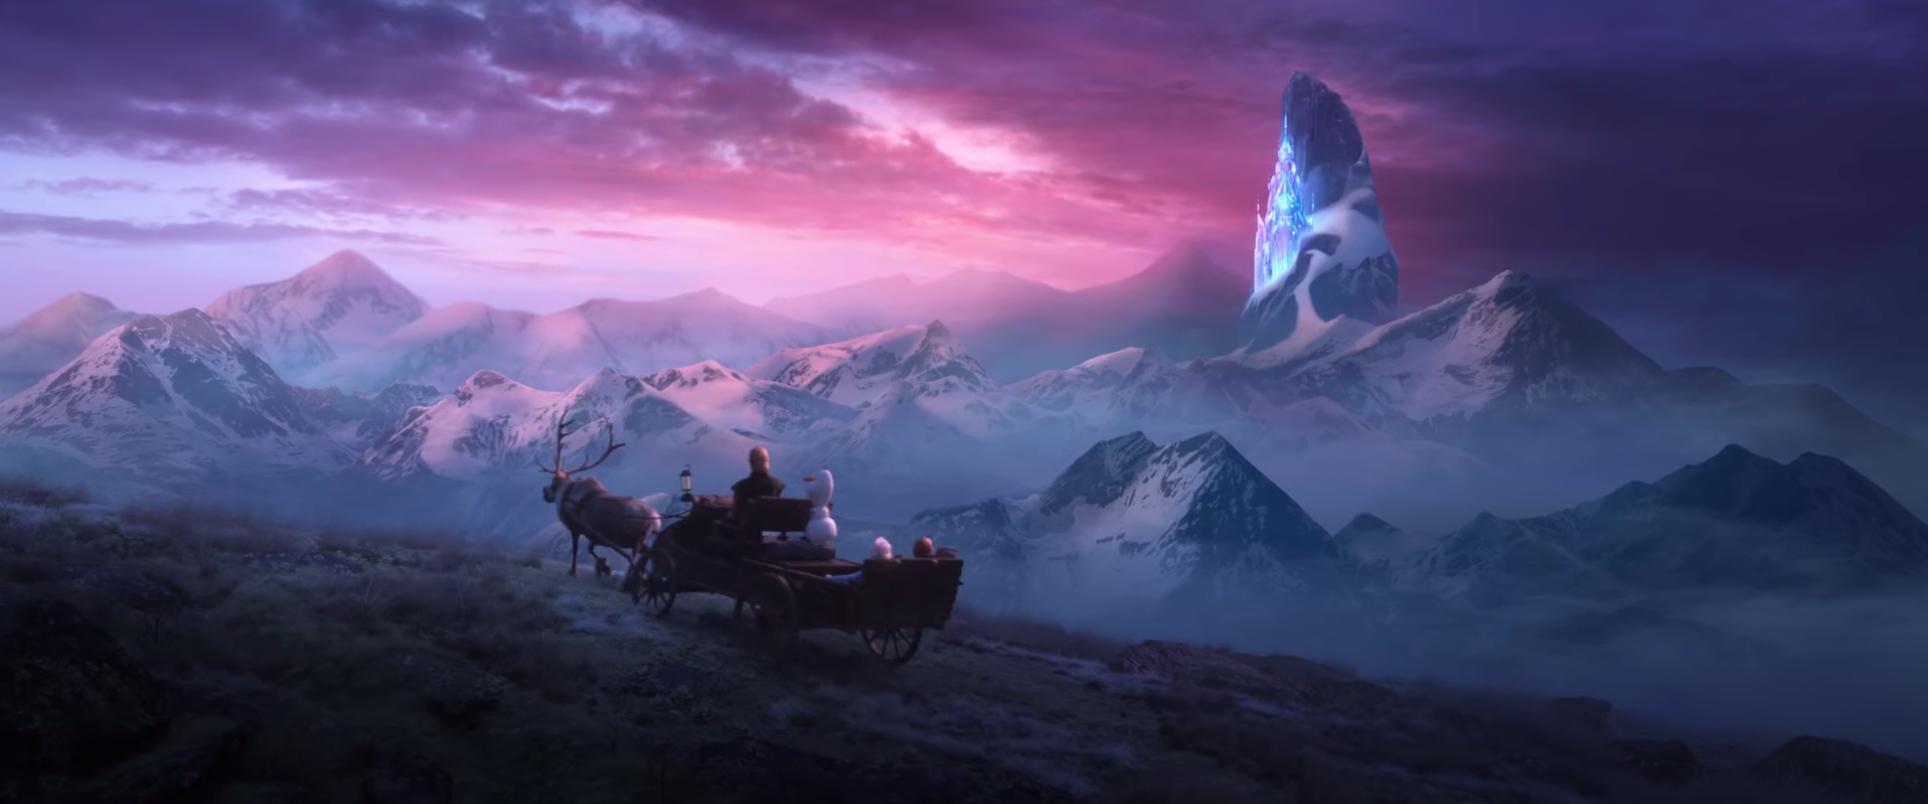 Frozen 2 tung trailer hoành tráng chẳng khác nào phim siêu anh hùng - Ảnh 5.